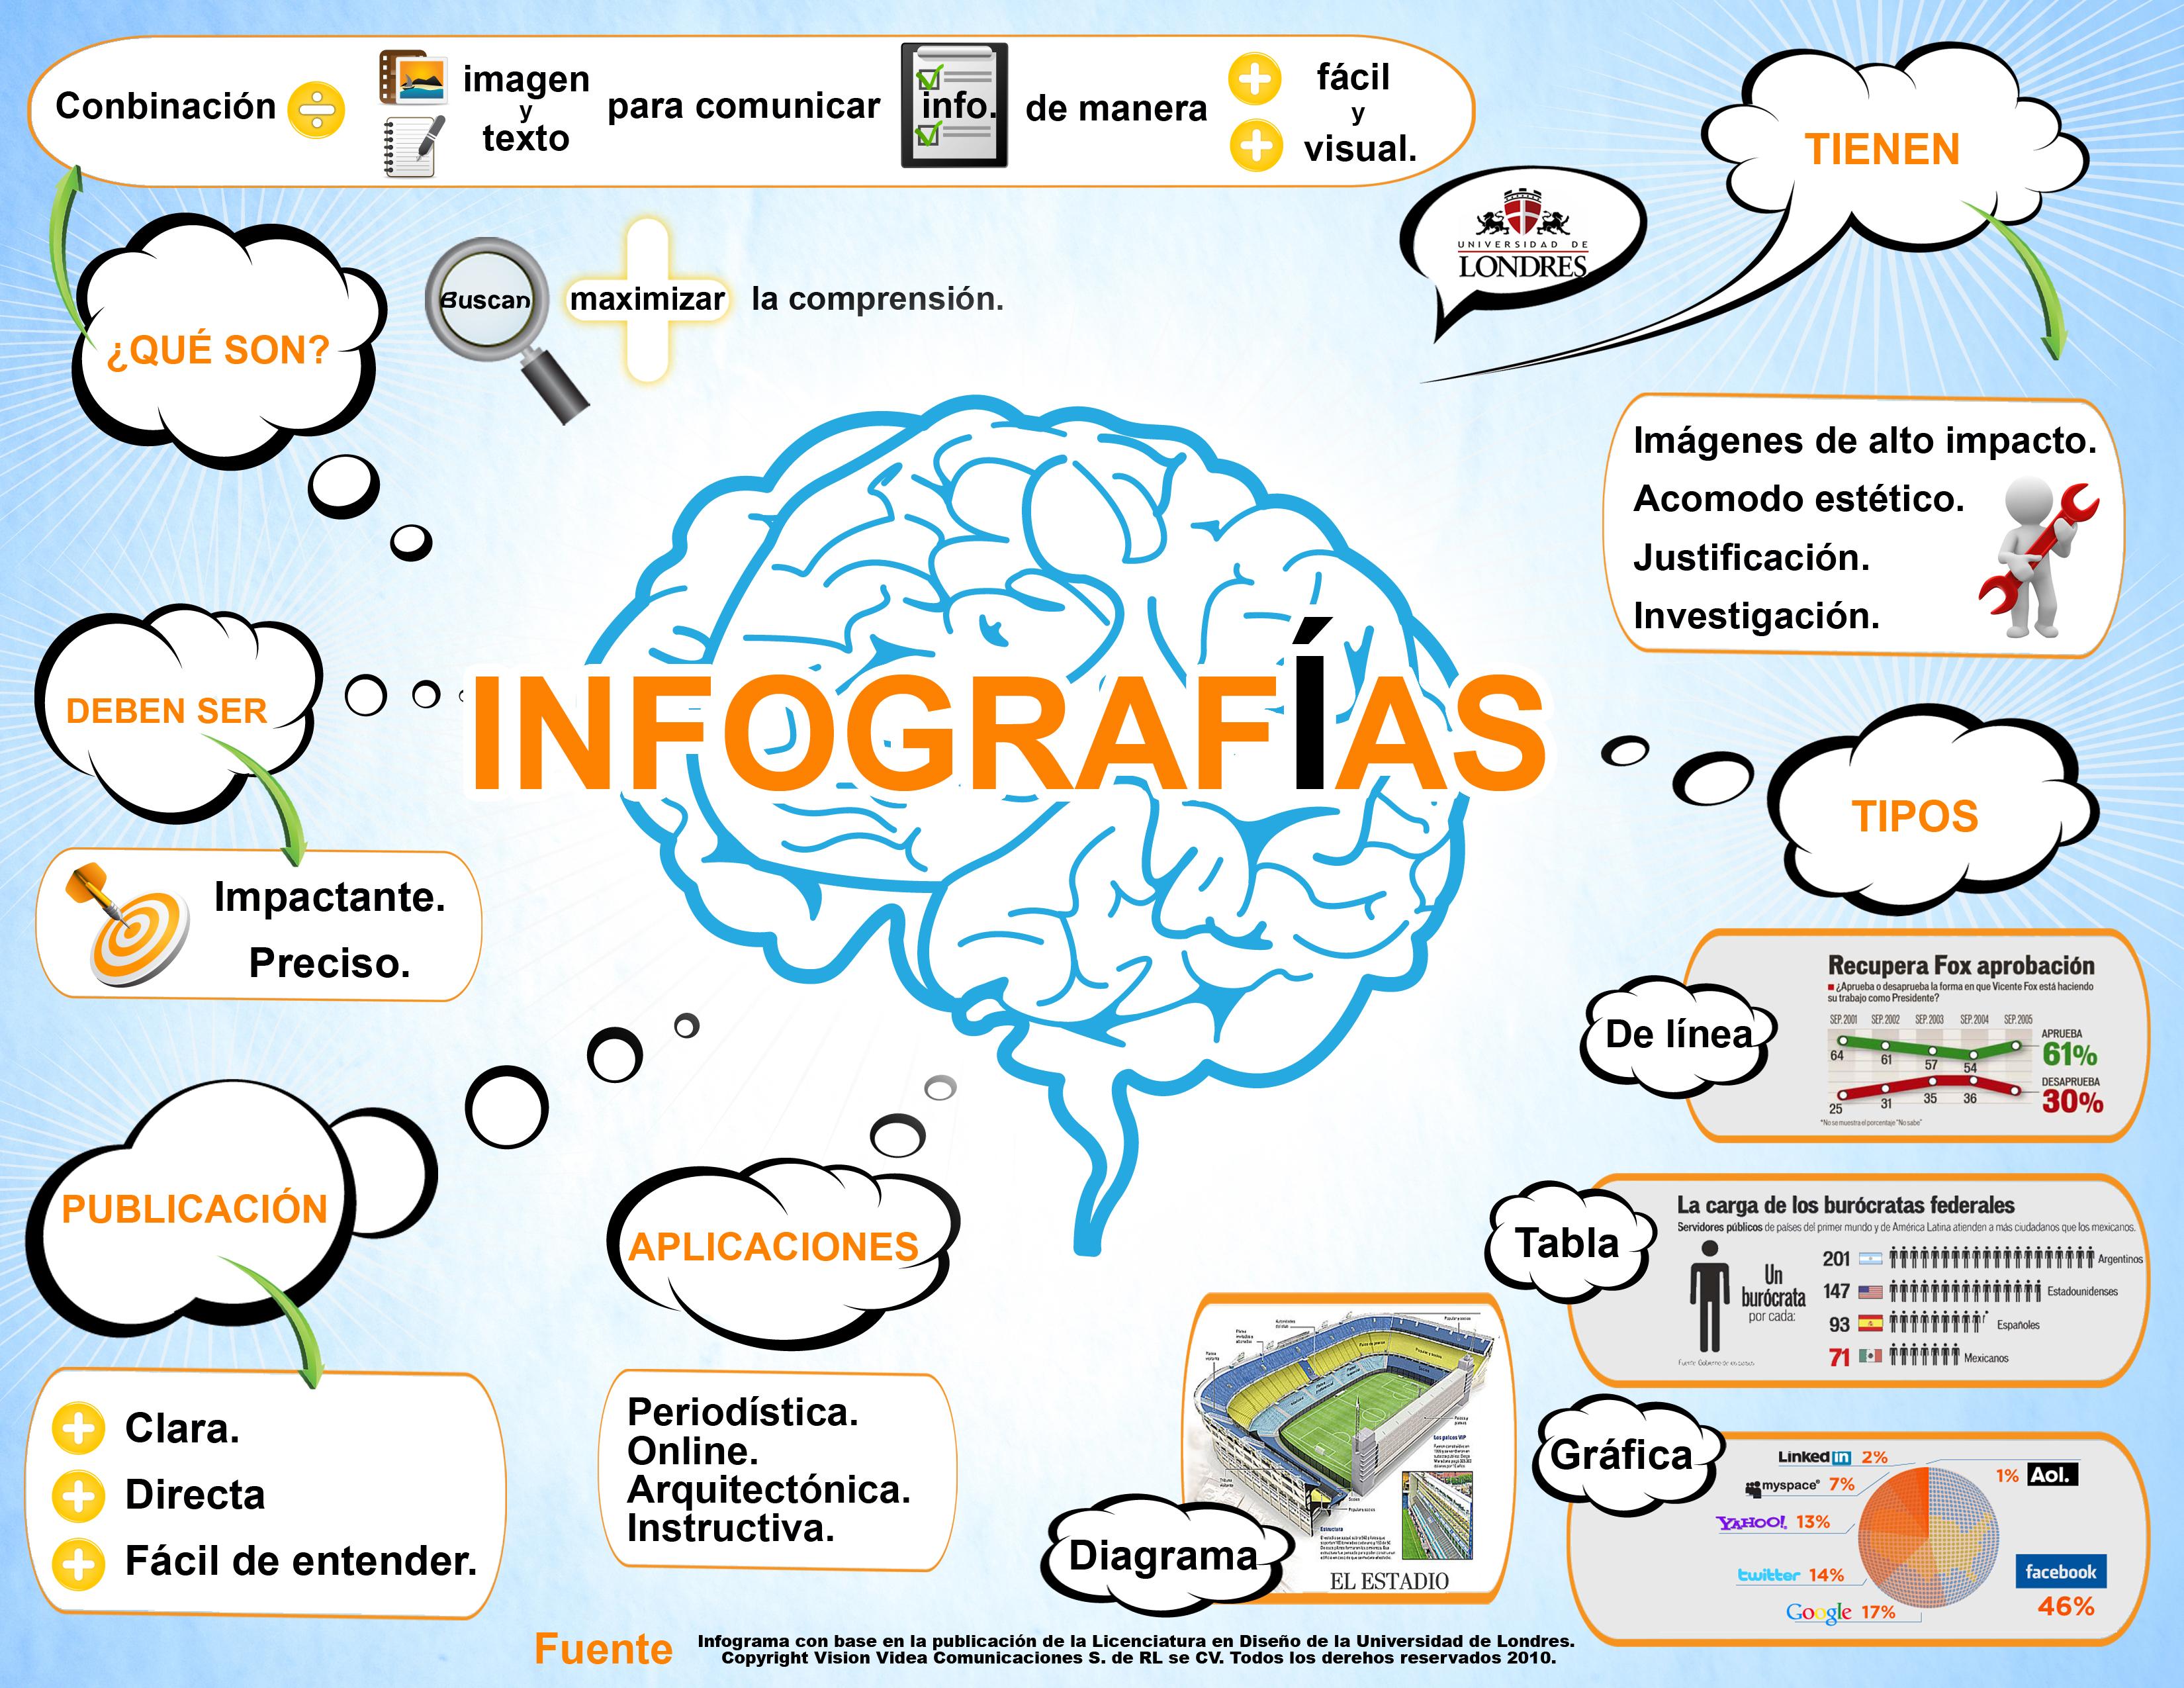 El Poder De Las Infografias Como Herramientas De